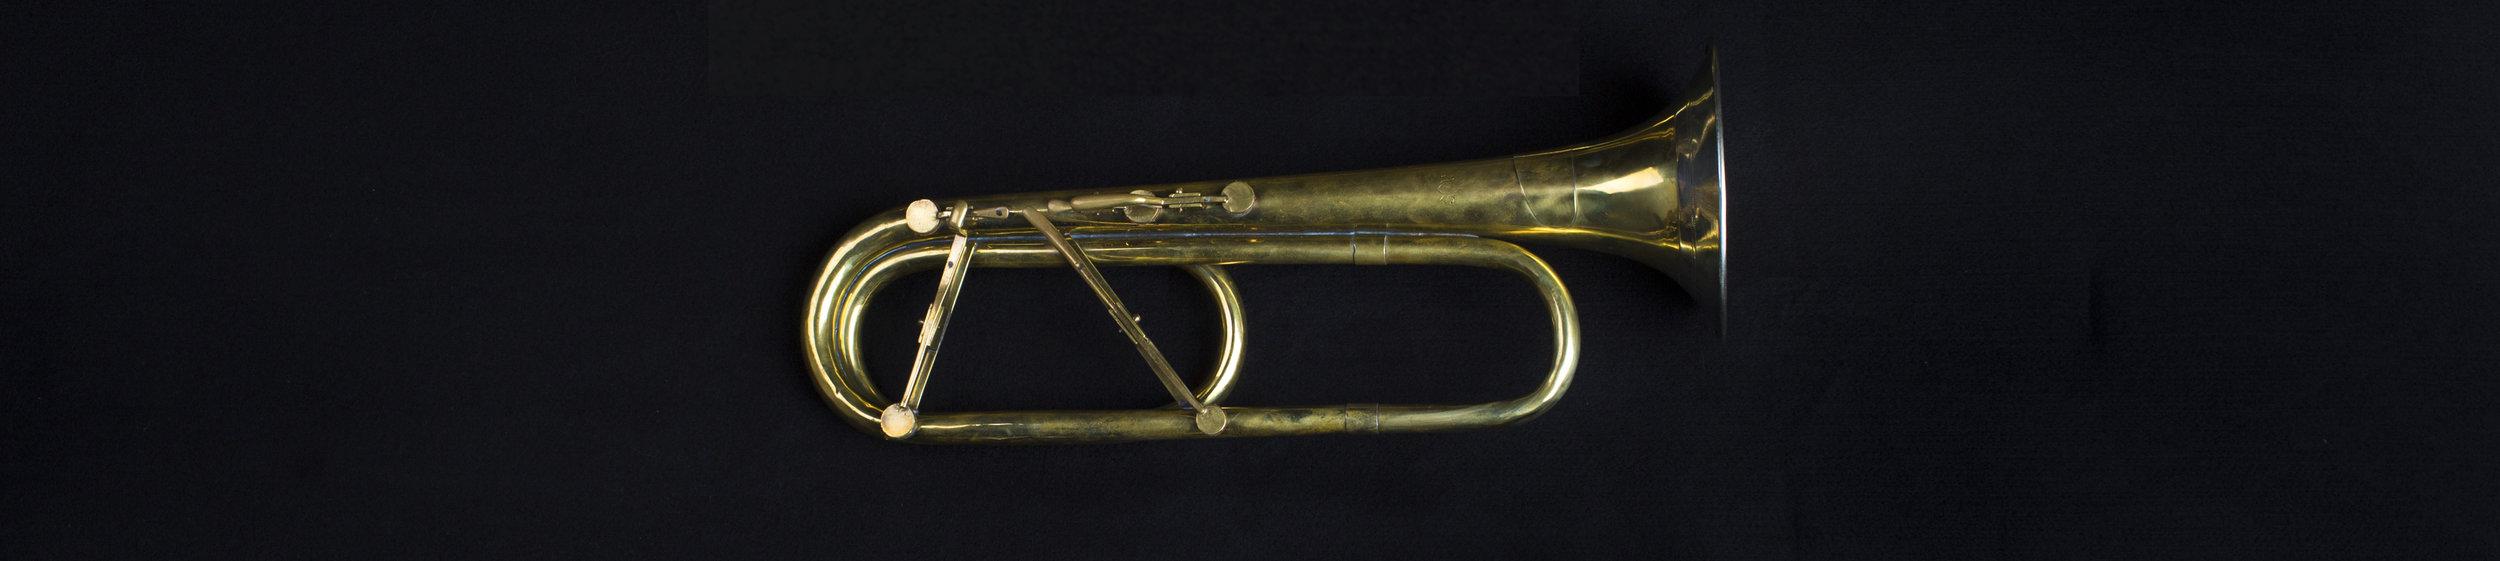 5 Keyed Trumpet, Bohland und Fuchs, Circa 1880